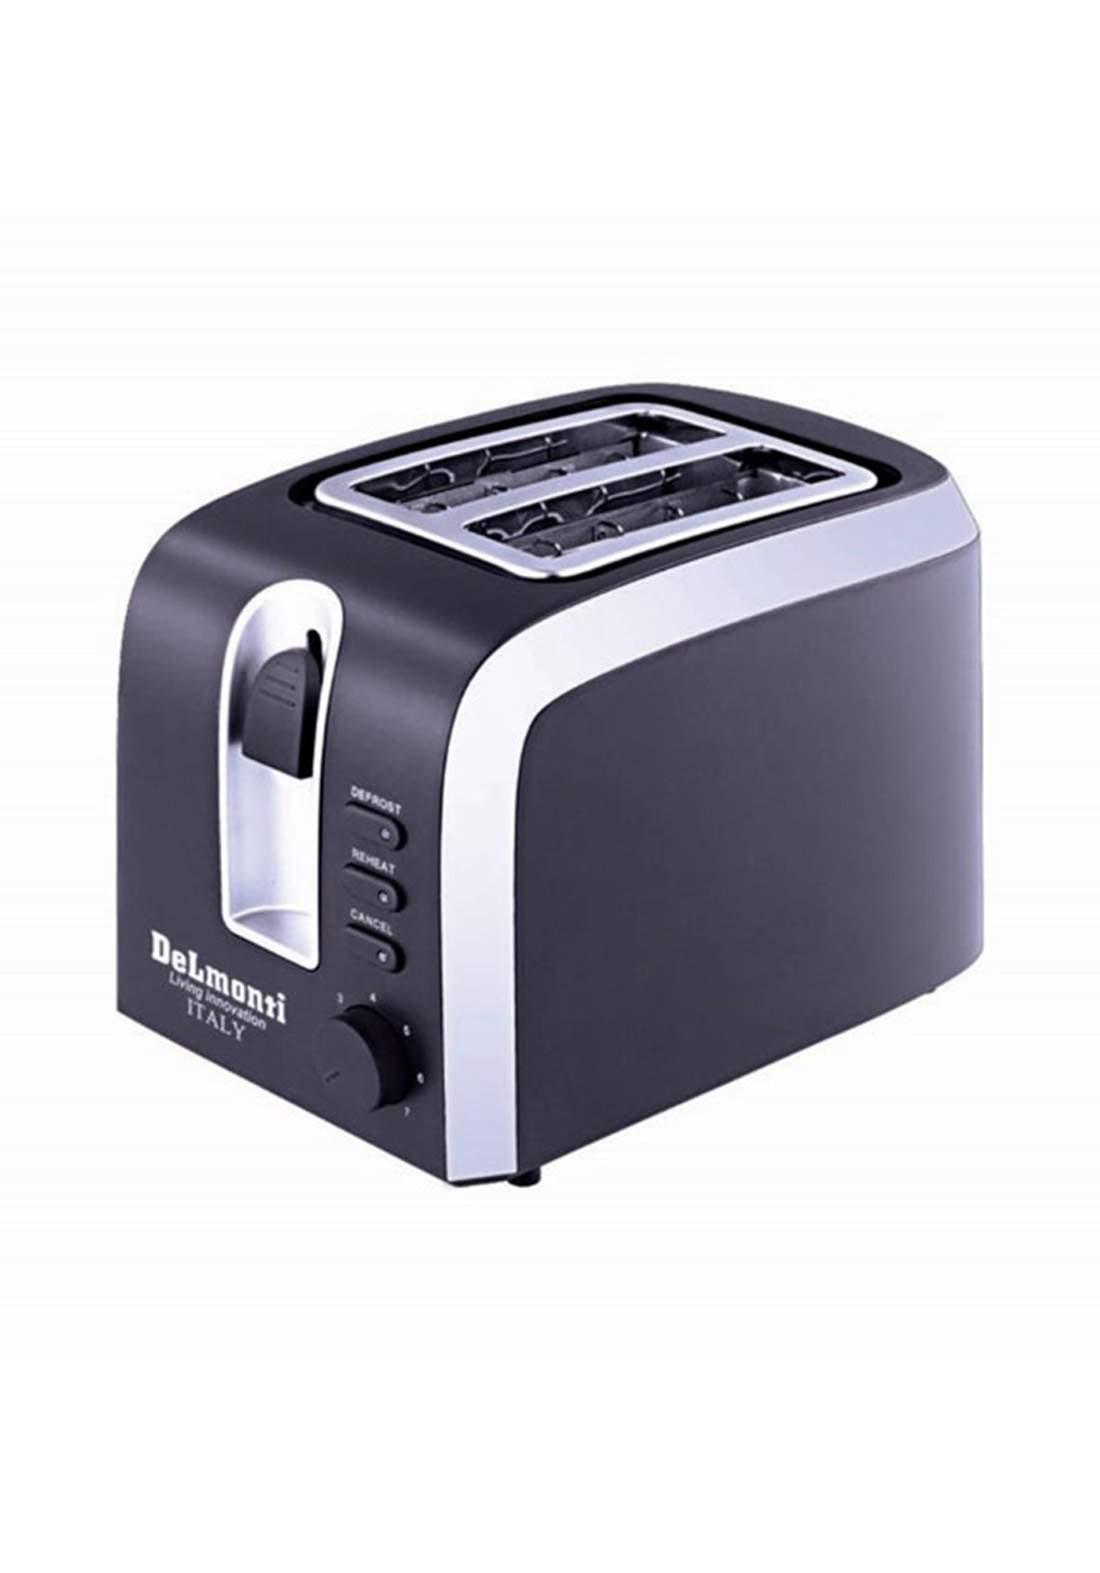 Delmonti DL 570 Bread toaster  محمصة كهربائية